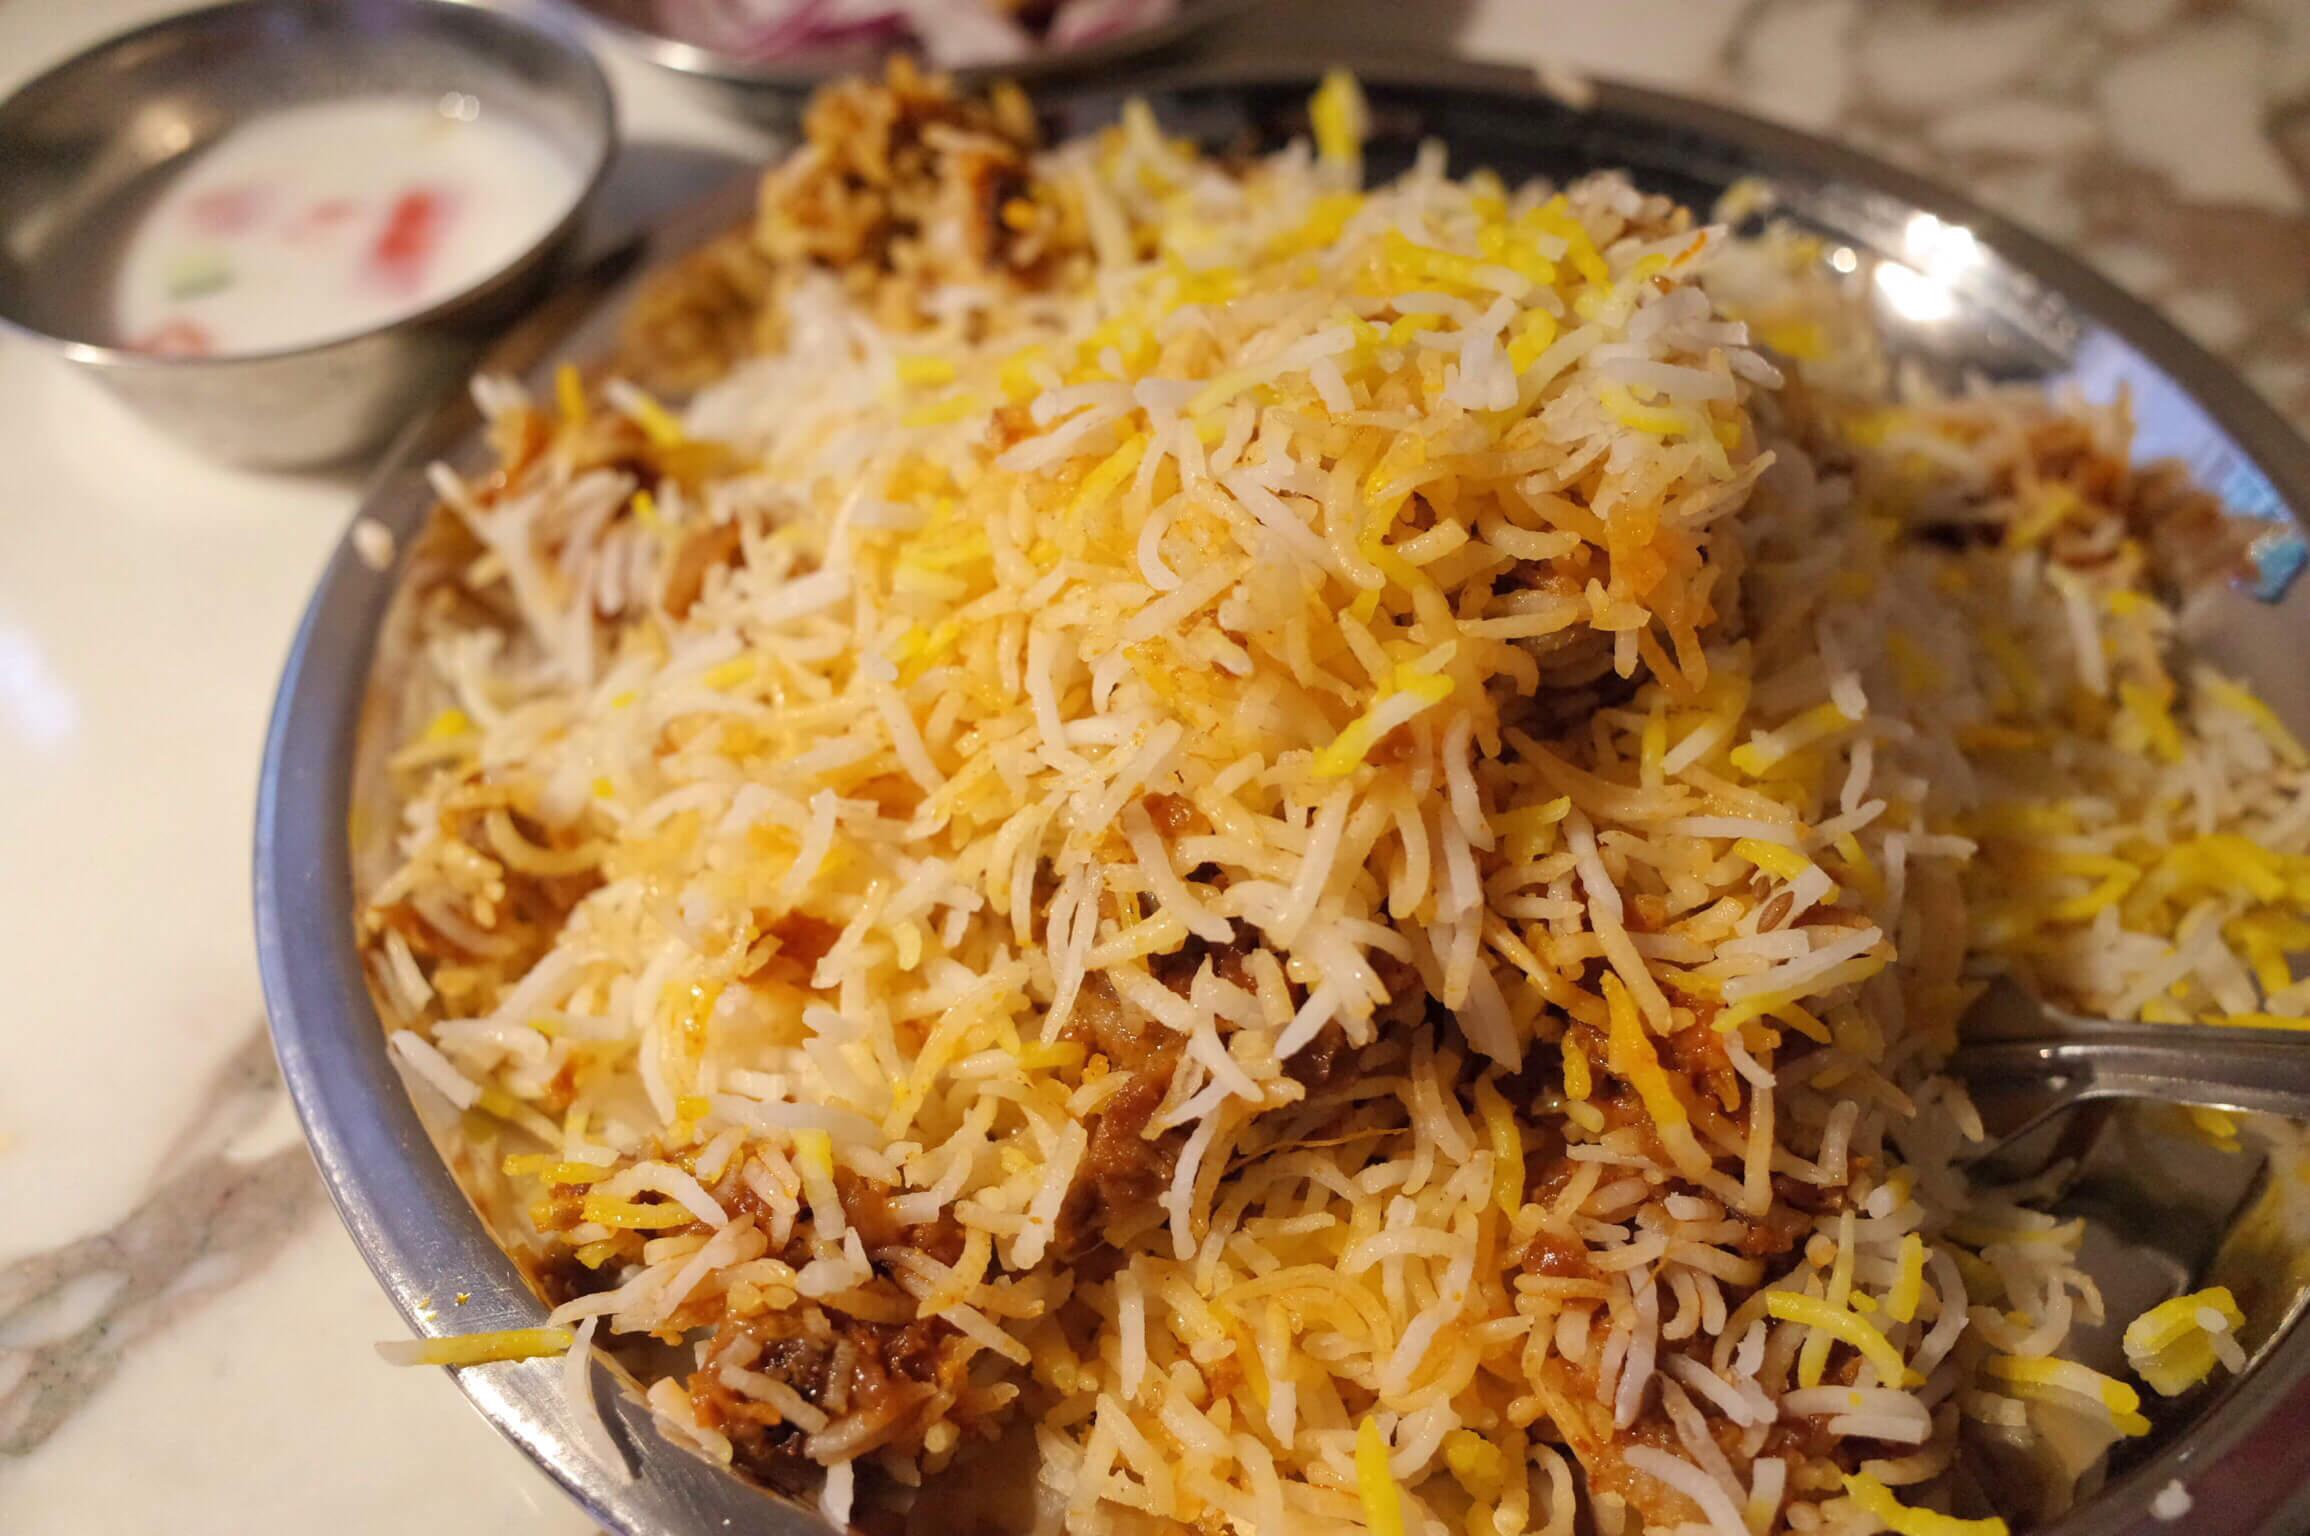 サンバレーホテル 〜 三軒茶屋で食べる本格的インド料理!ビリヤニから香るスパイスがヤバい